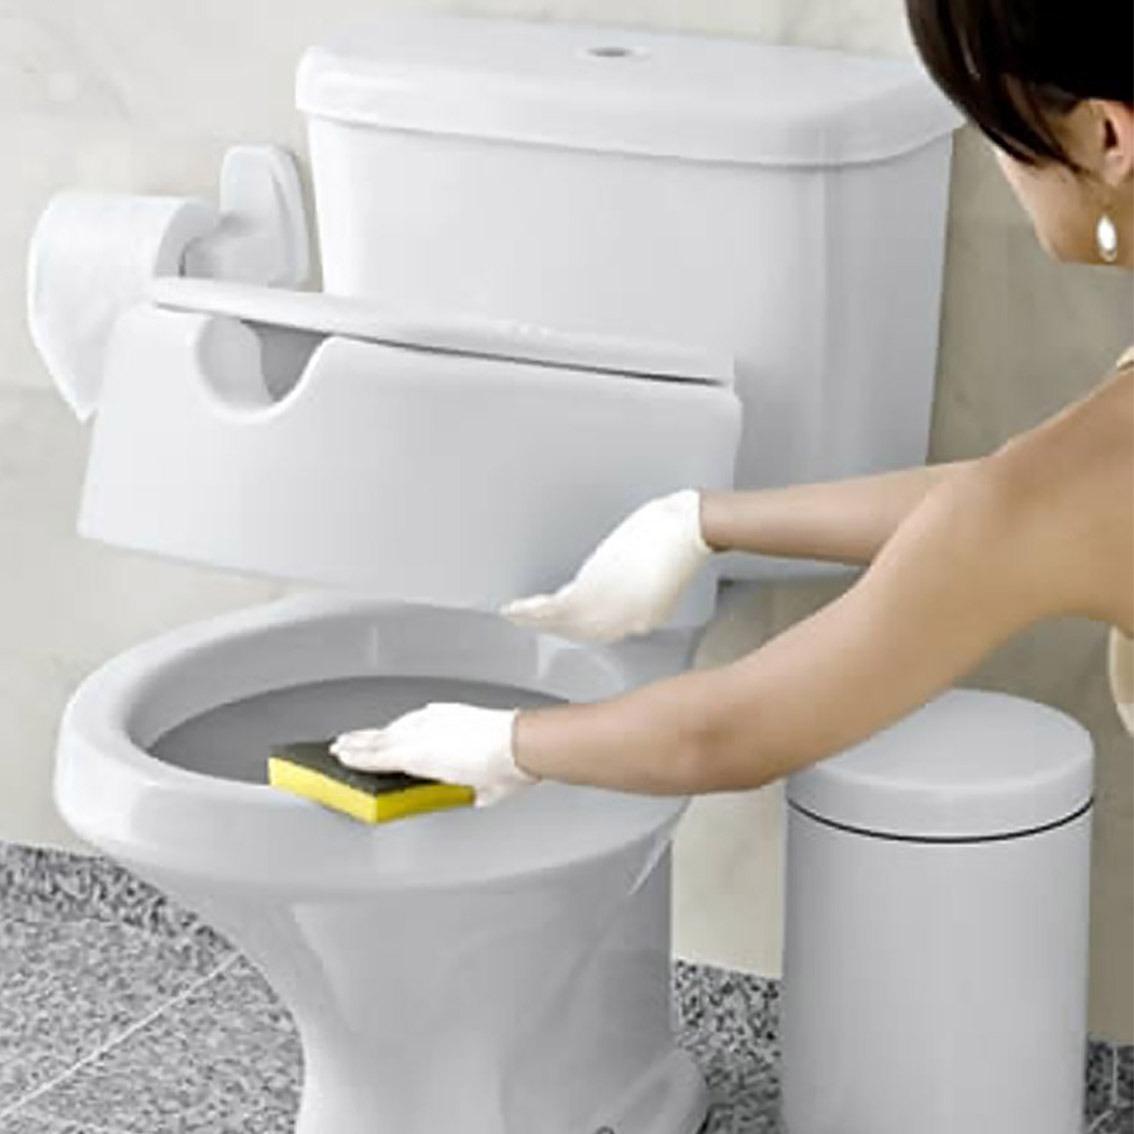 Assento Sanitário Elevado E Tampa Para Idosos E Deficientes R$ 89  #B39E08 1134x1134 Assento De Banheiro Para Idoso